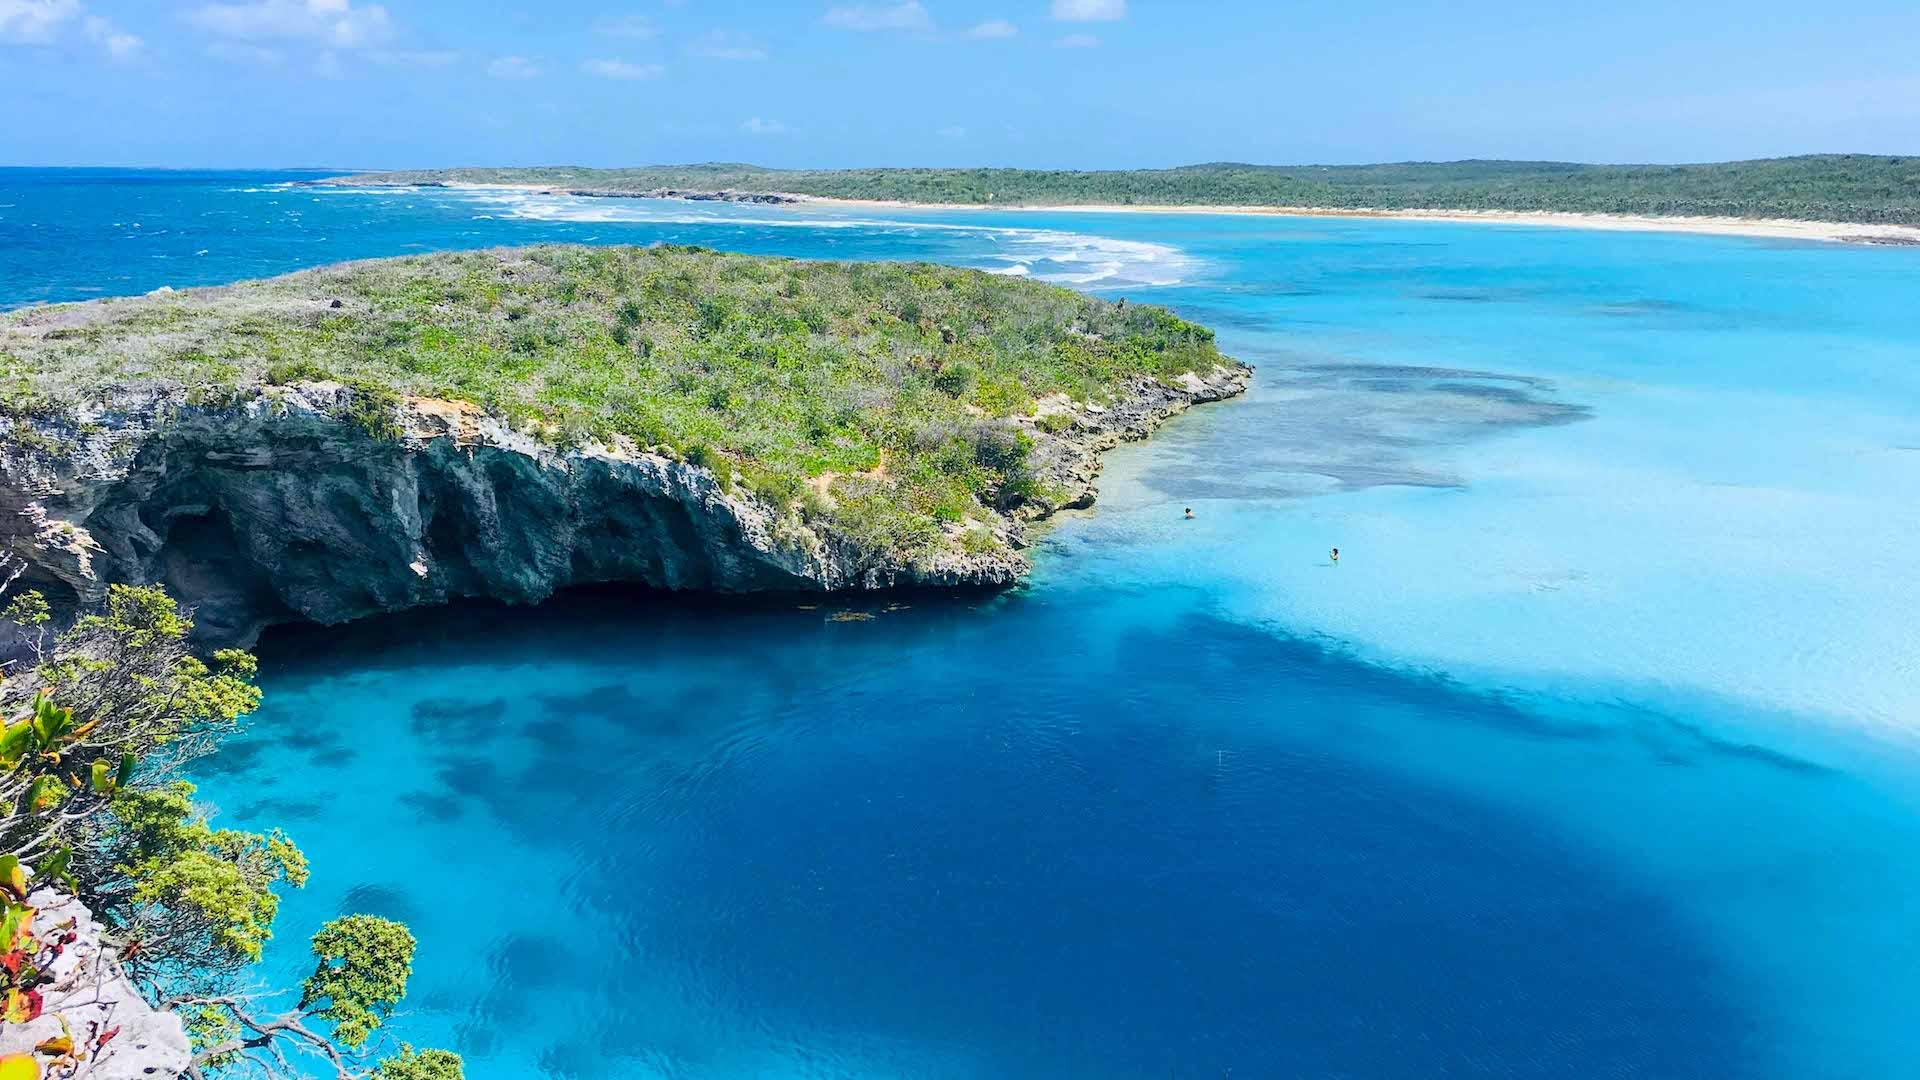 Quienes estén vacunados pueden viajar a Bahamas sin tests